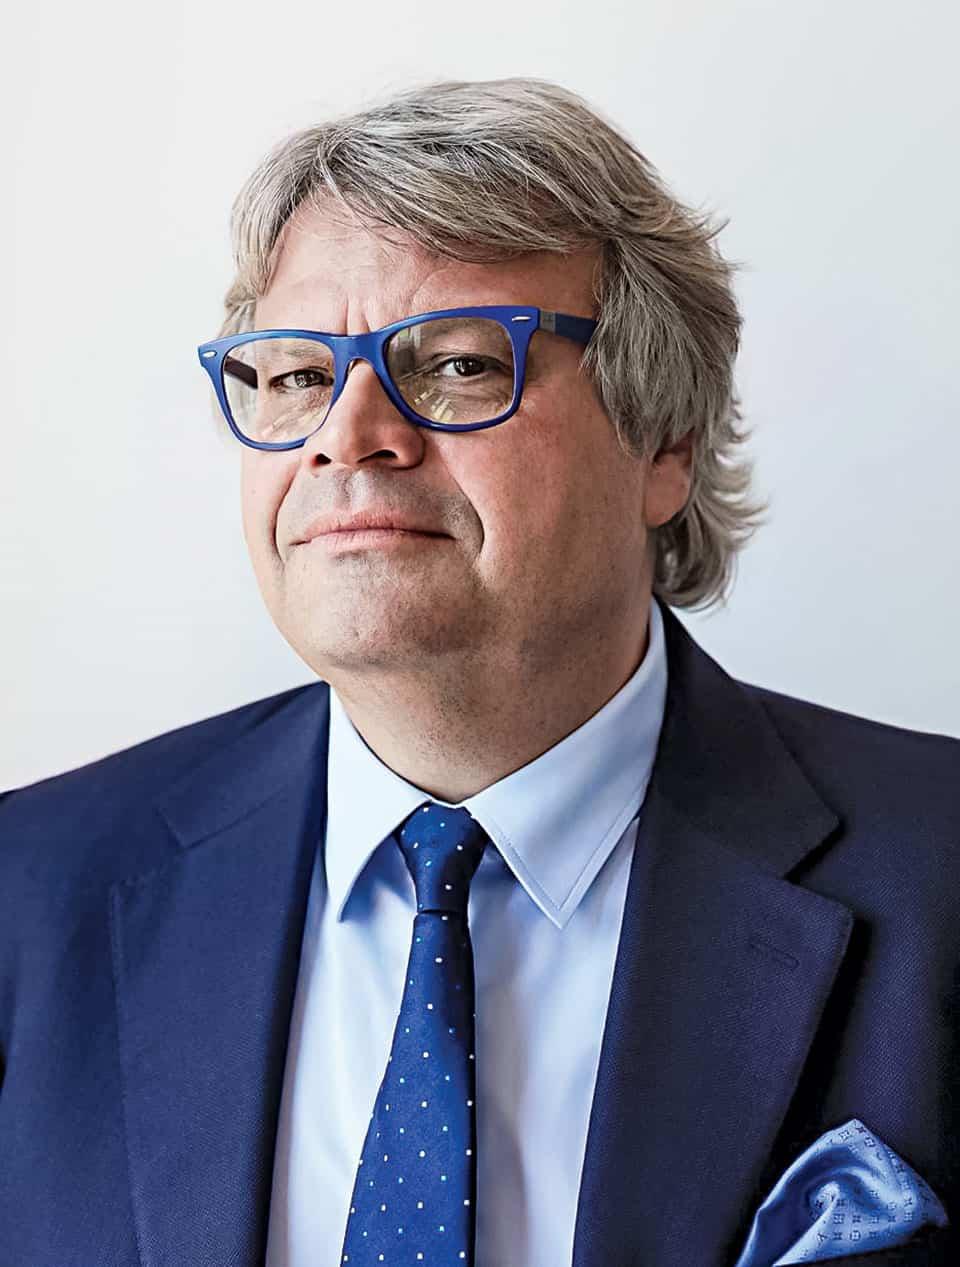 Jacques Cavallier Belletrud es originario de Grasse, capital del mundo de la perfumería.